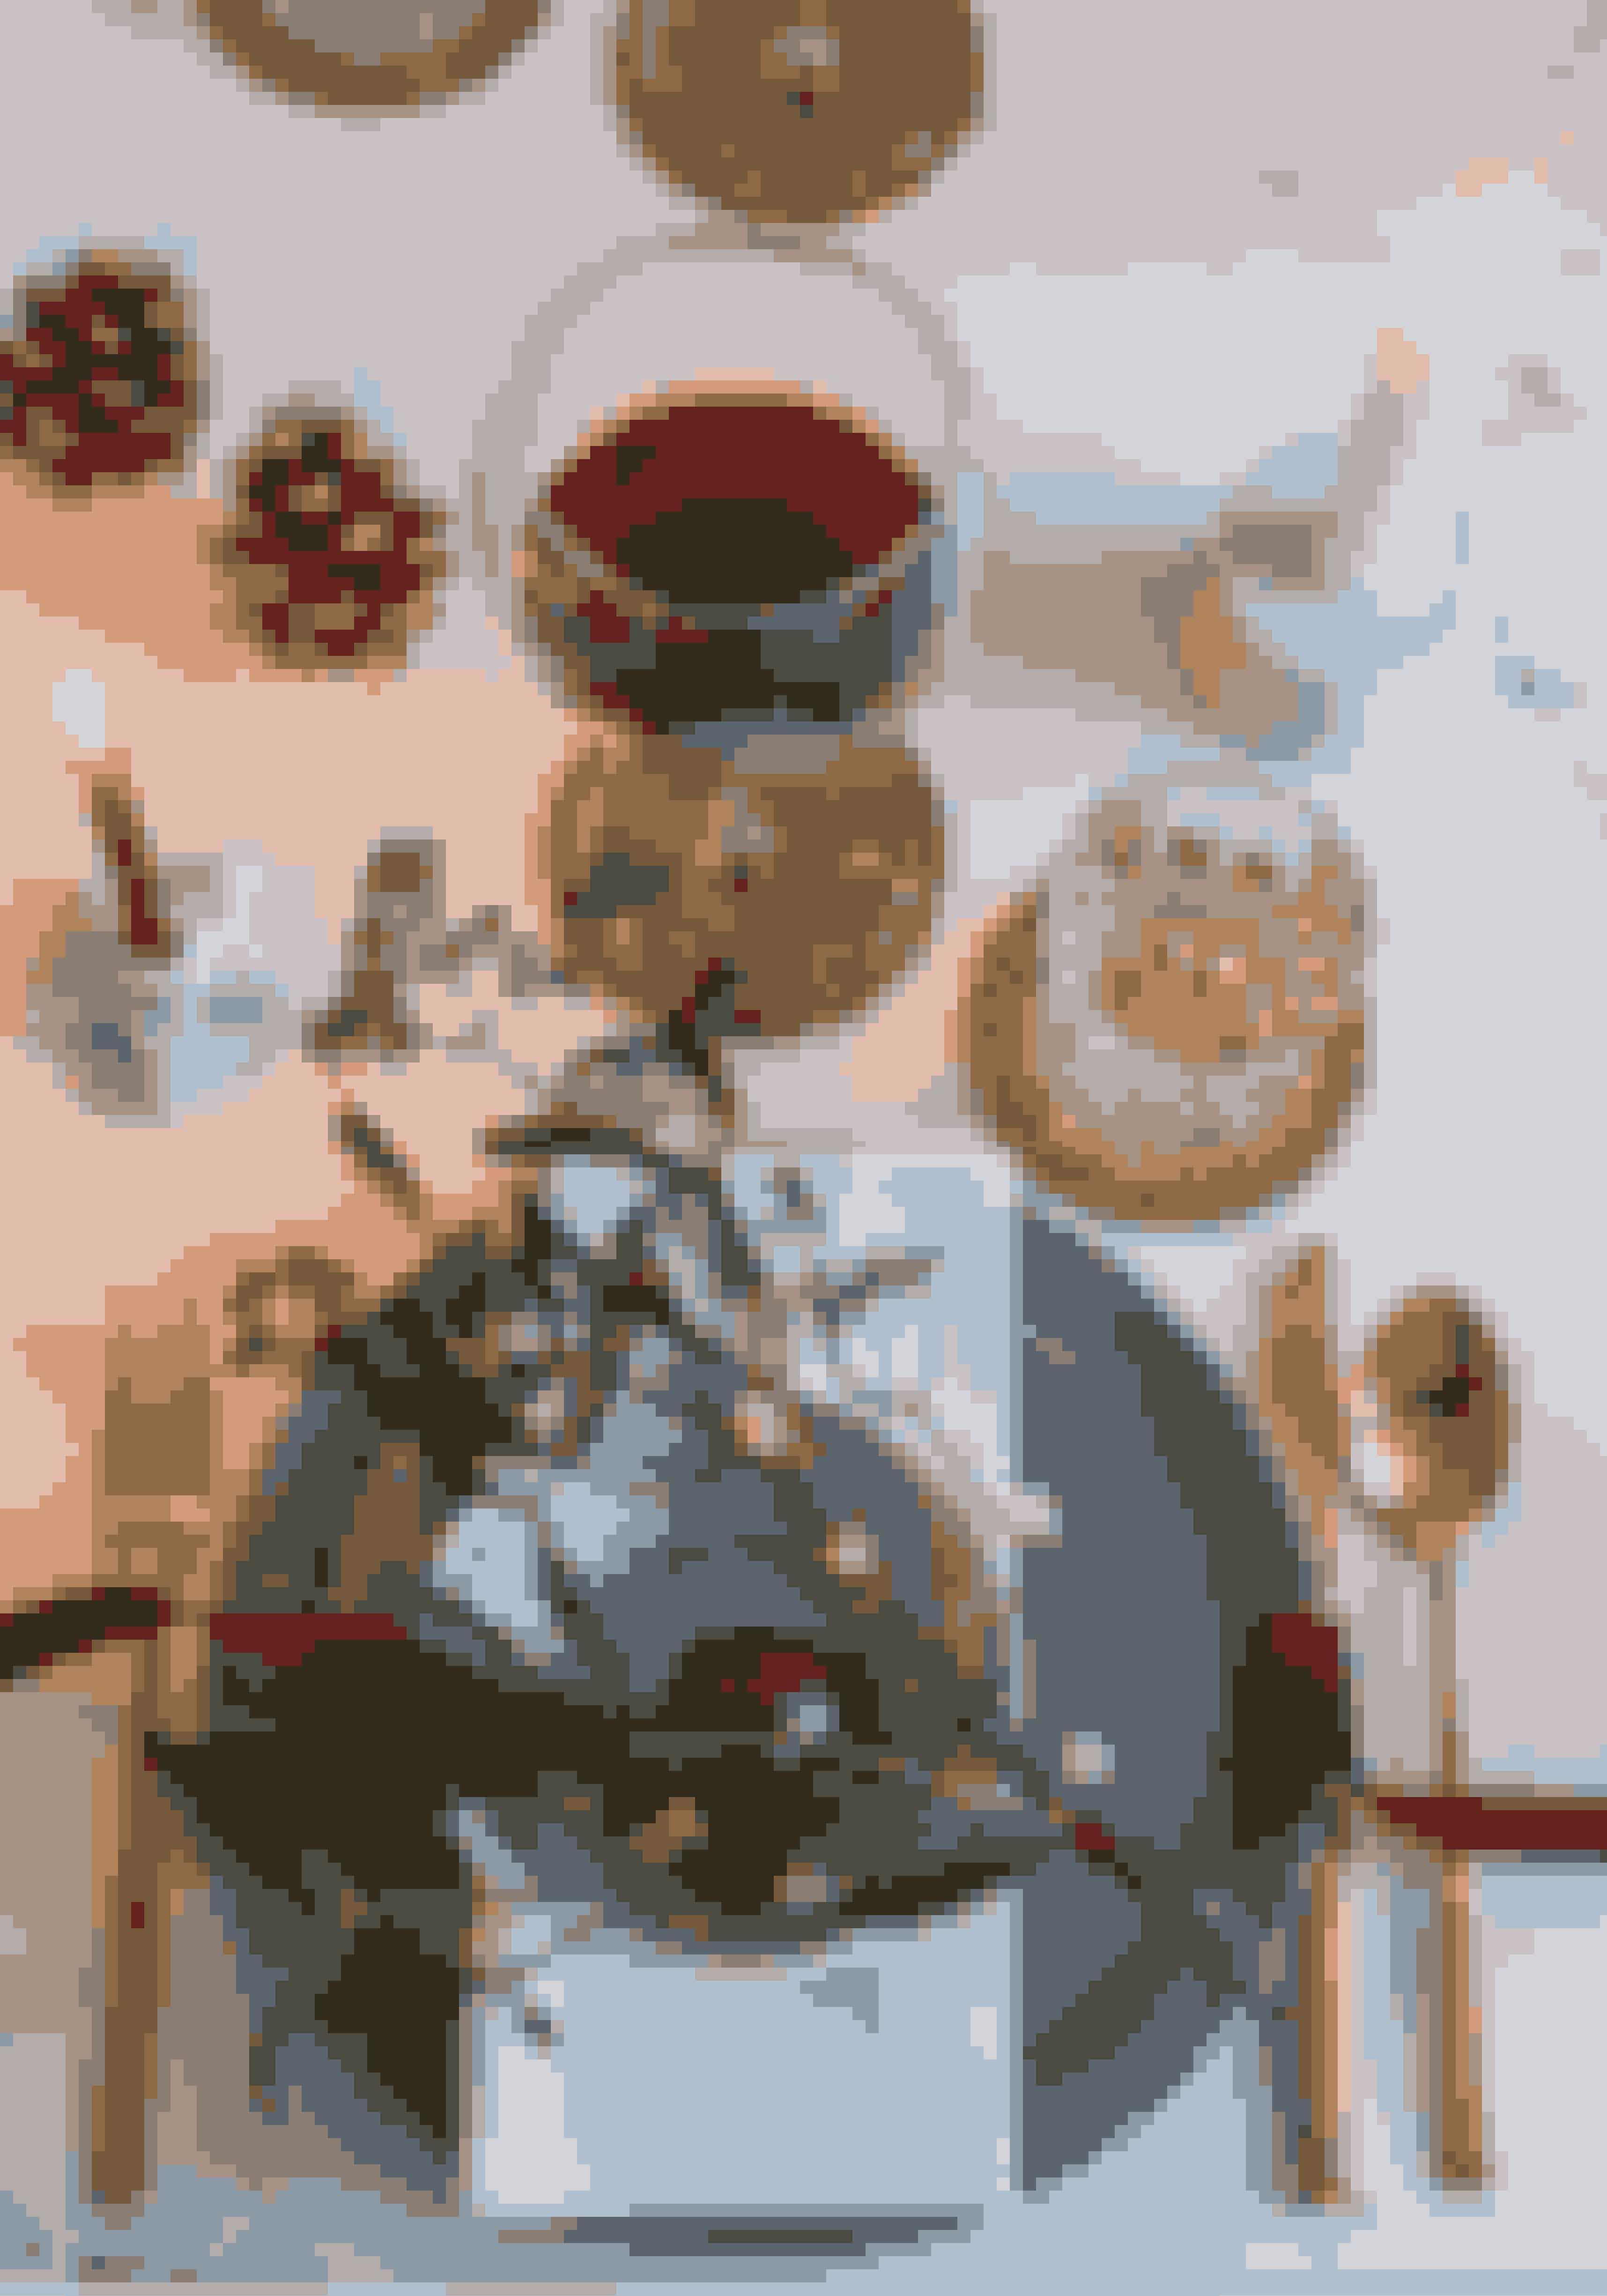 Med mistelten, fyrregrene, en blomst og farvet bånd kan du nemt lave en bordbuket. Læg servietten under den øverste tallerken, så servicet bliver fremhævet. De grå tallerkener er fra Ikea og den dybe fra Royal Copenhagen. Bestikket er fra Christian Bitz, vinglasset fra Alessi, og den runde samt stjerneformede lysestage fra henholdsvis Broste og Bloomingville.